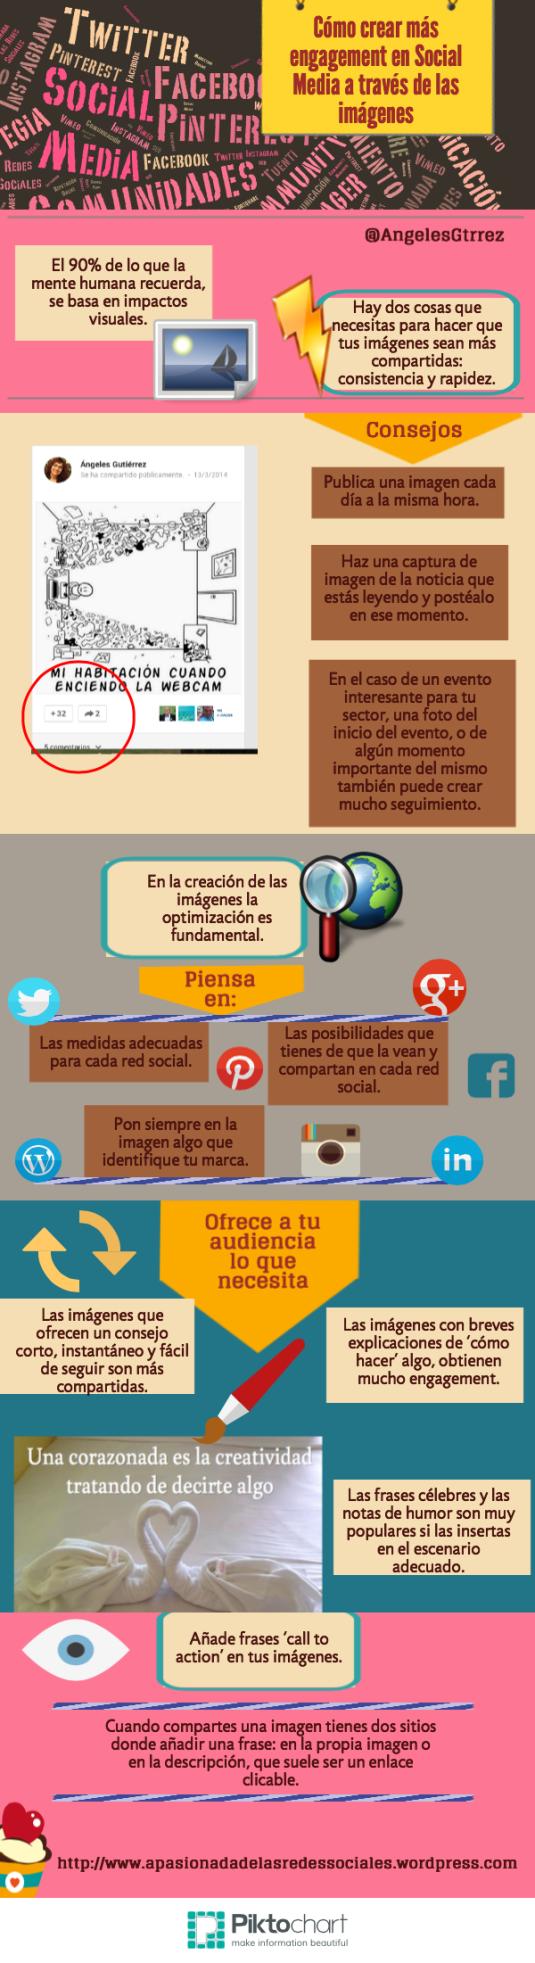 Cómo crear más engagement en Social Media a través de las imágenes (Infografía)